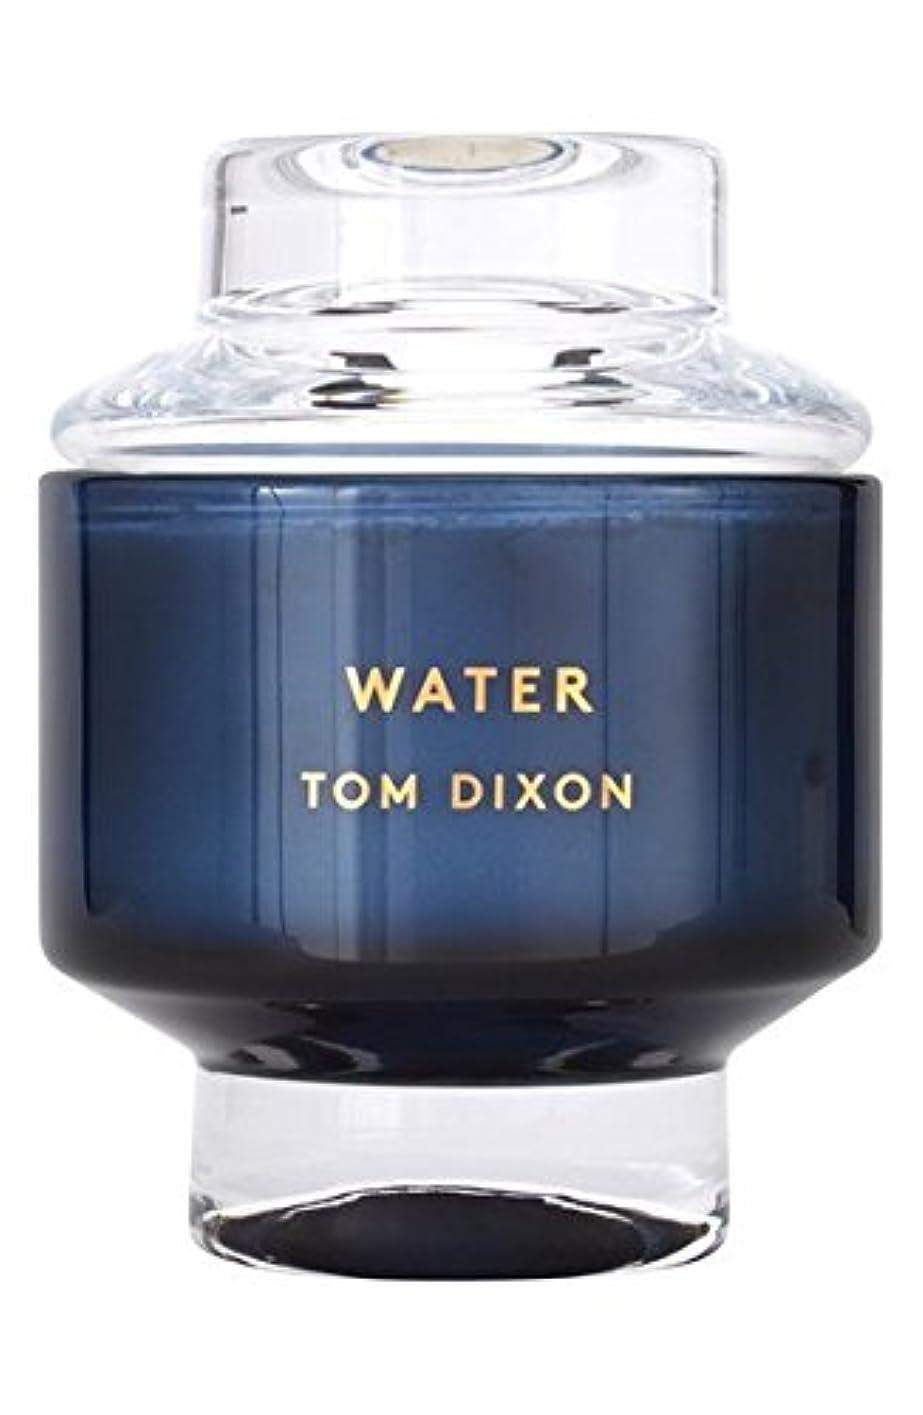 欠員貧しいクリップTom Dixon 'Water' Candle (トム ディクソン 'ウオーター' キャンドル中)Midium